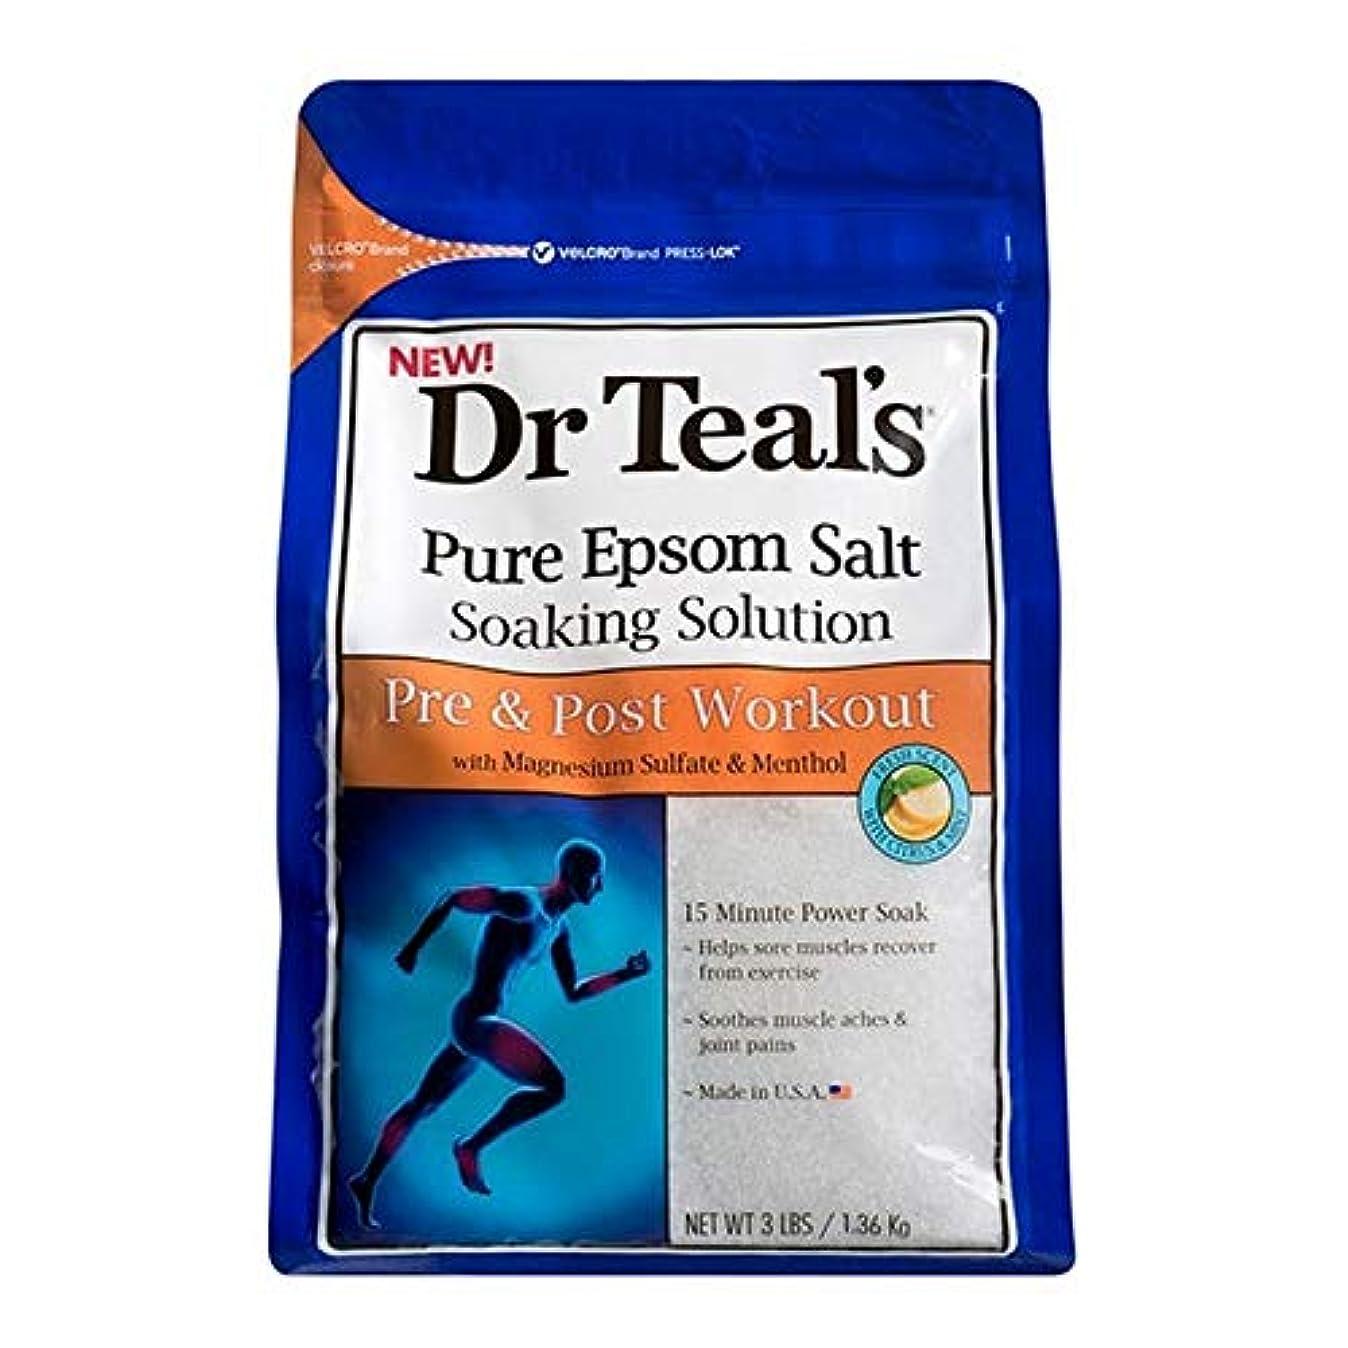 前提条件硬さ残酷な[Dr Teals] Drのティールの均熱Bathsalt前N個のポストワークアウト1.36キロ - Dr Teal's Soaking Bathsalt Pre N Post Workout 1.36 kg [並行輸入品]